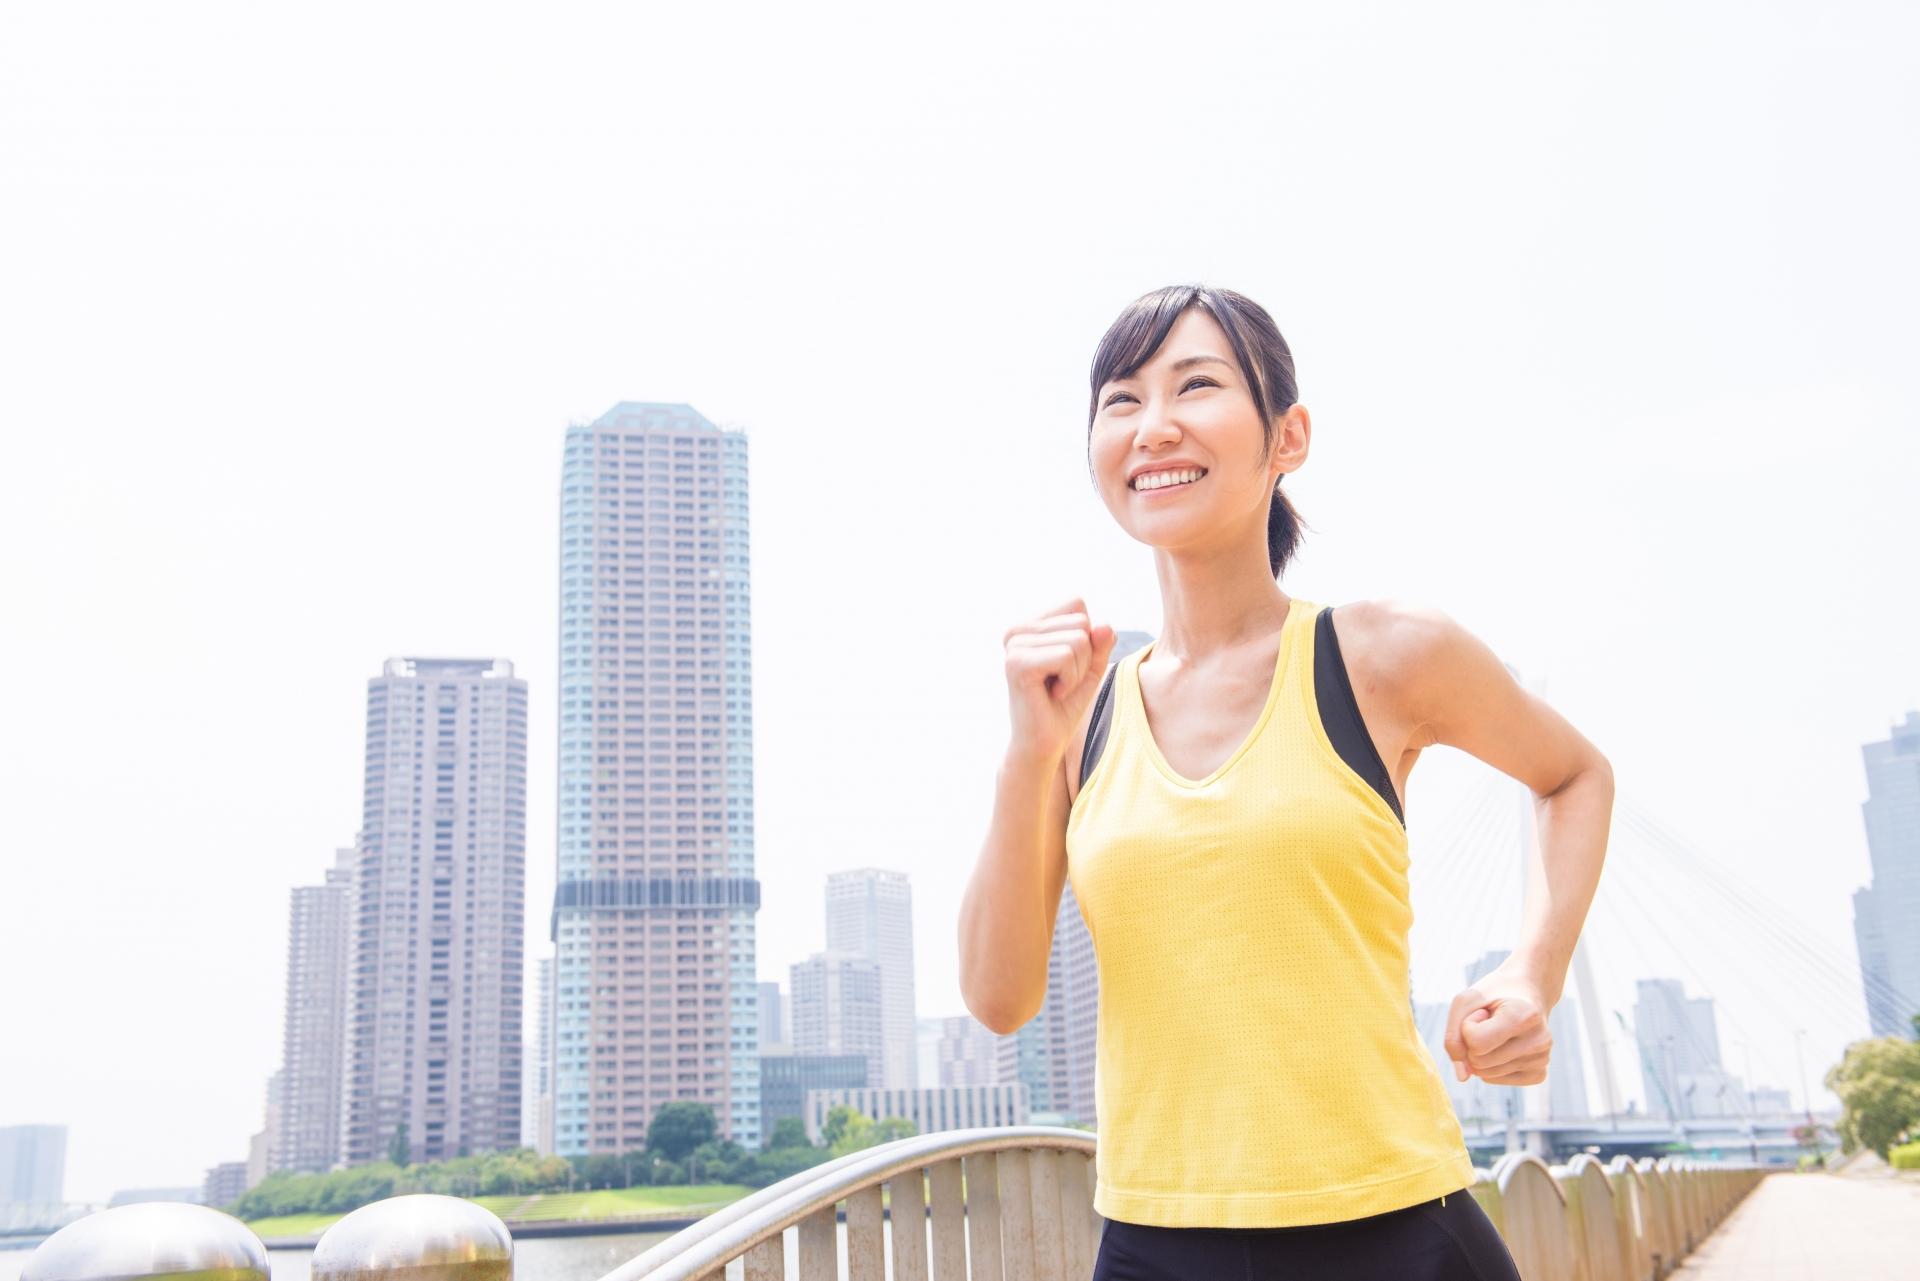 【健康・ダイエット】ウォーキングが有酸素運動で最もおすすめとされる理由